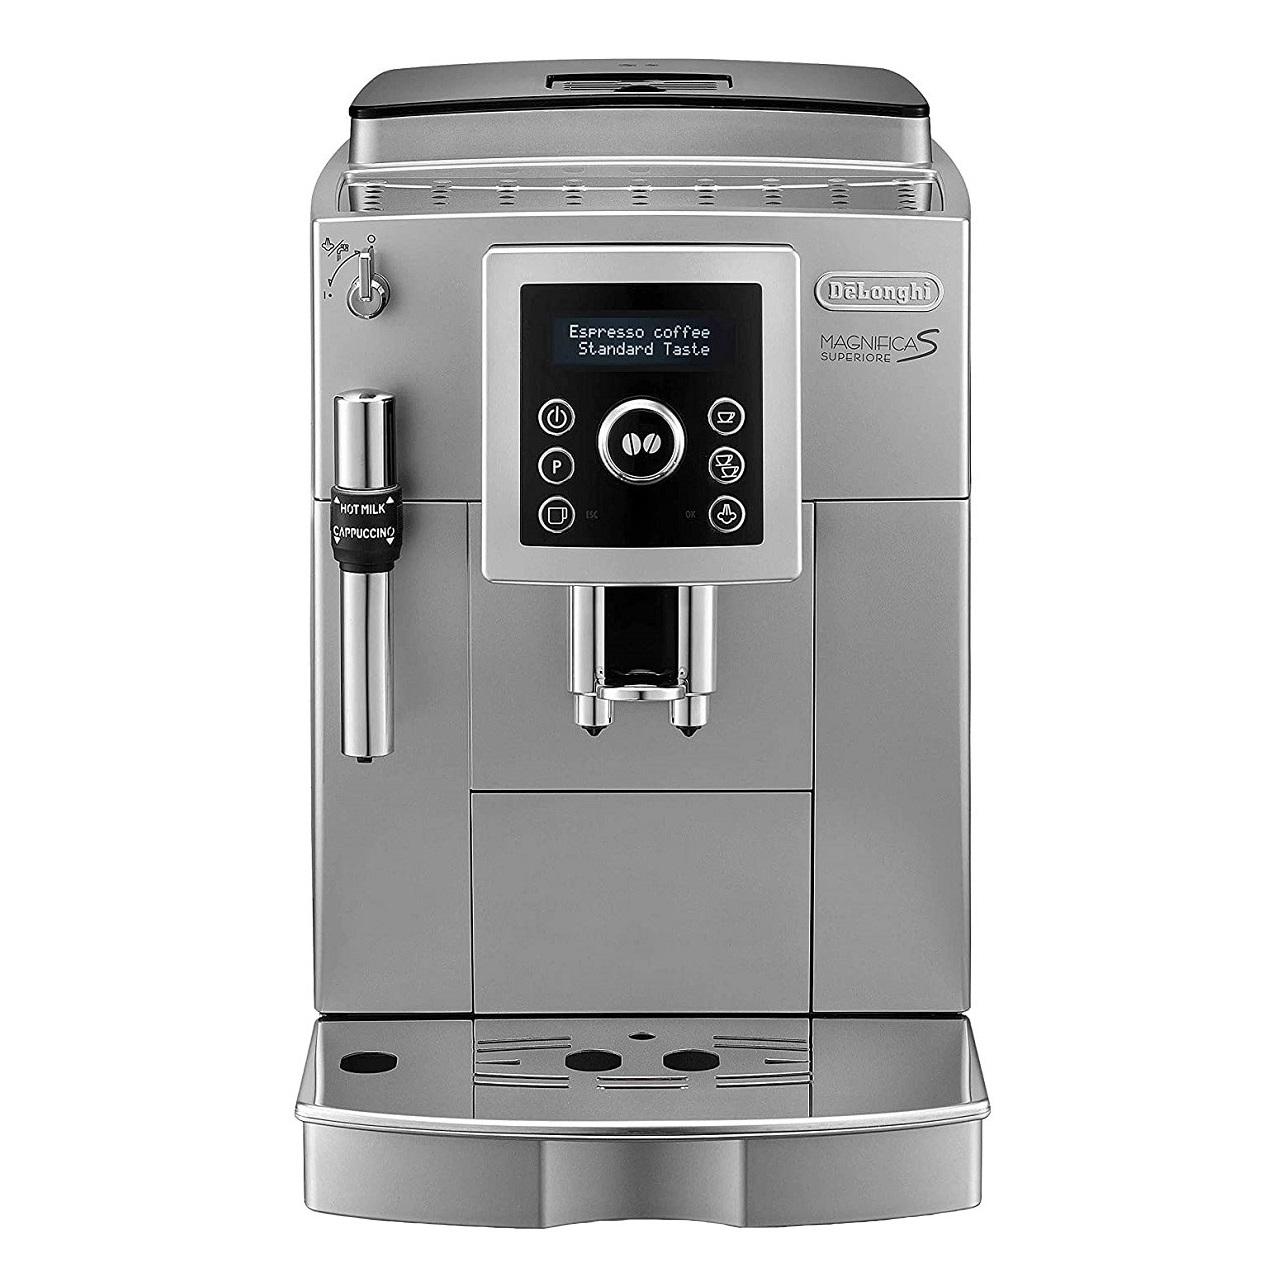 デロンギ マグニフィカS スペリオレECAM23420SBN全自動コーヒーマシン